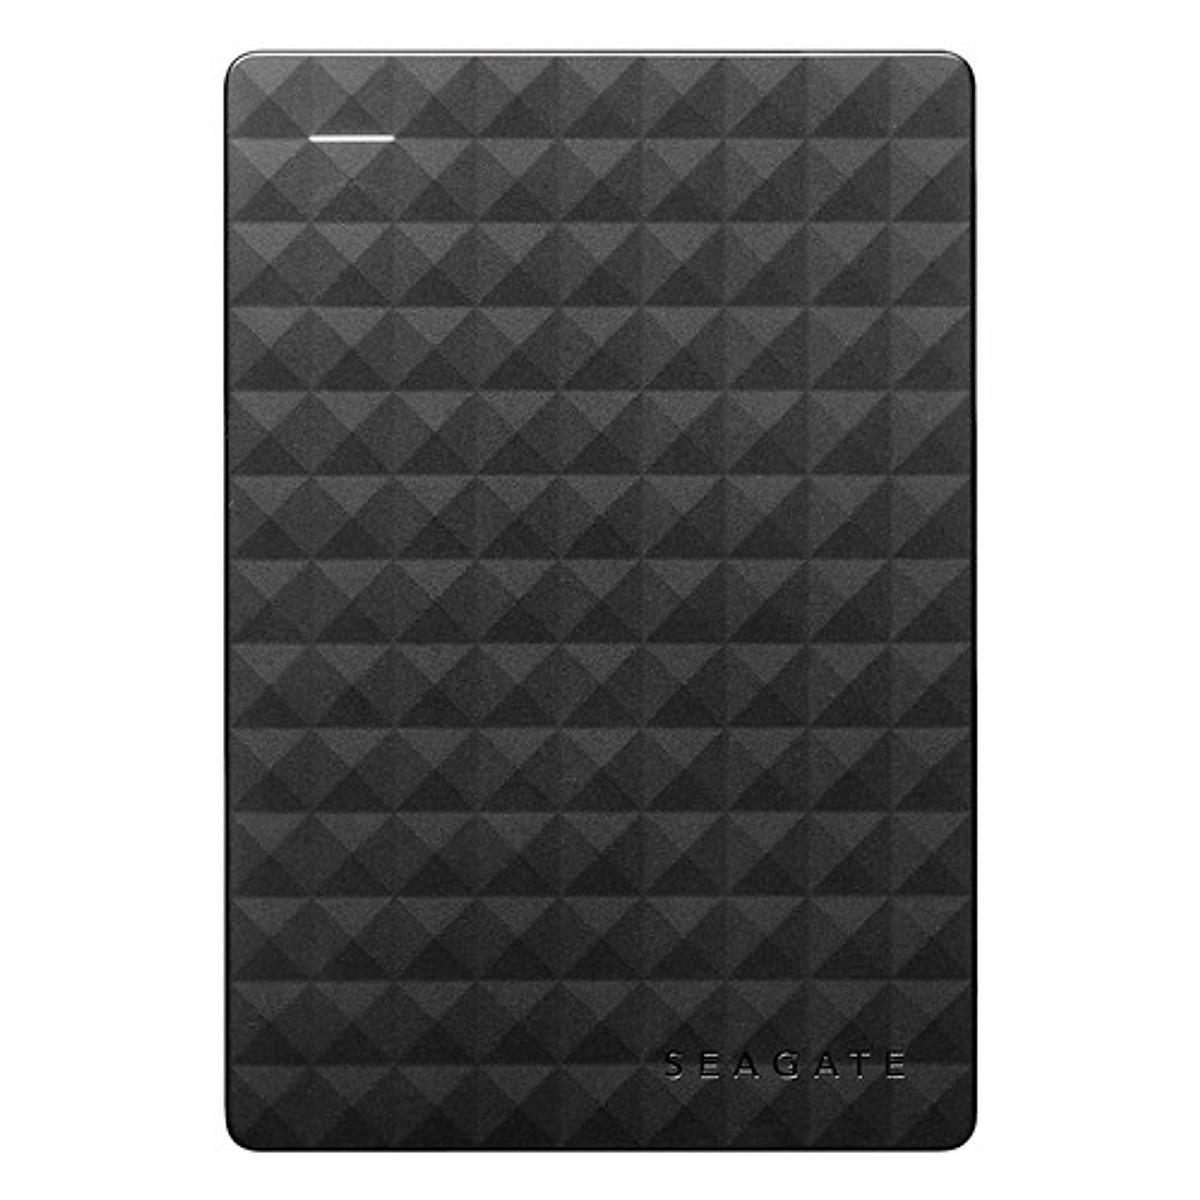 """Ổ Cứng Di Động Seagate Expansion Portable HDD 5TB (STEA5000402) 2.5"""" USB 3.0 – Hàng Chính Hãng"""